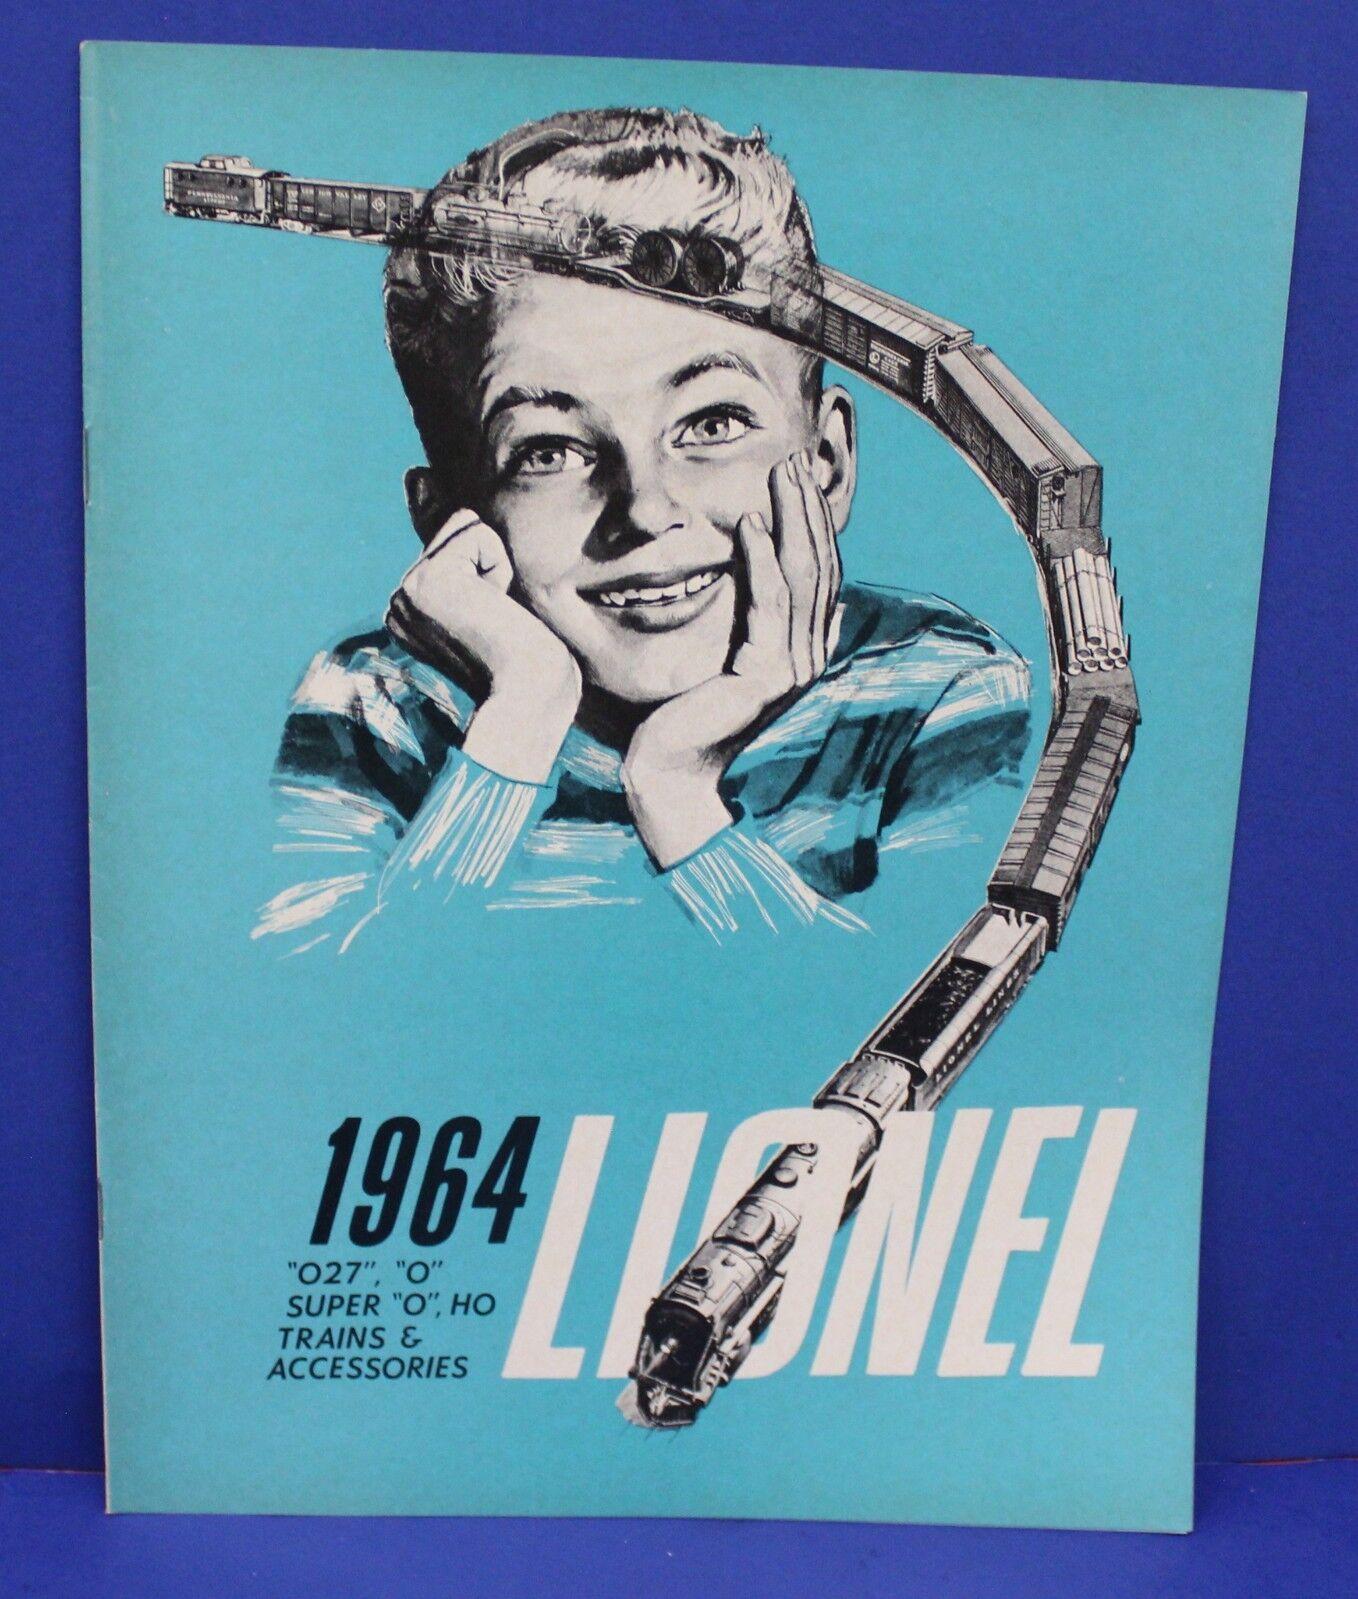 Lionel 1964 Consumer Train Catalog Mint NOS Original O HO O27